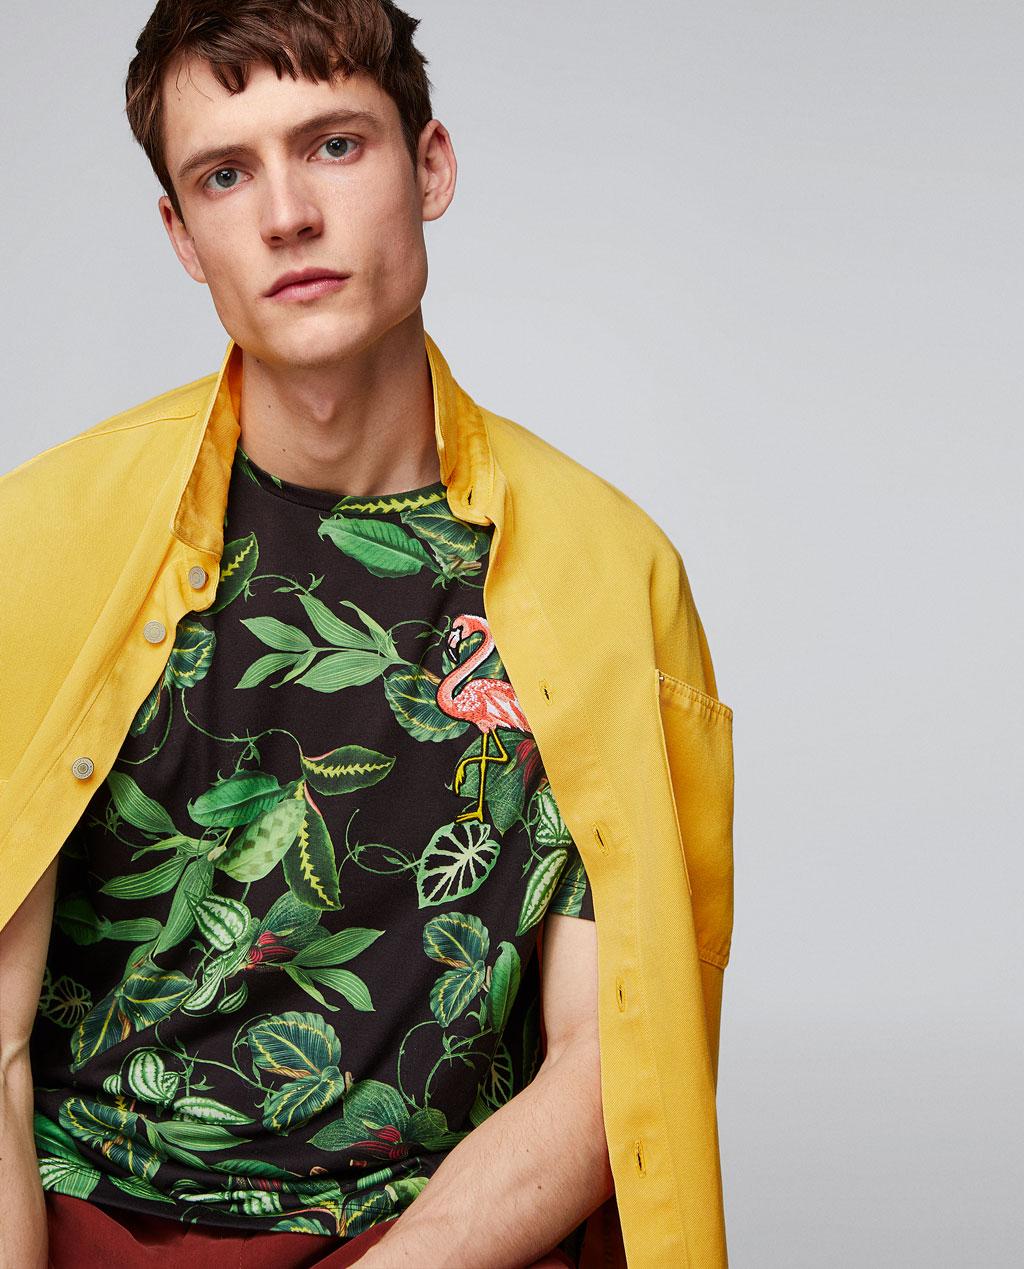 Thời trang nam Zara  24014 - ảnh 5